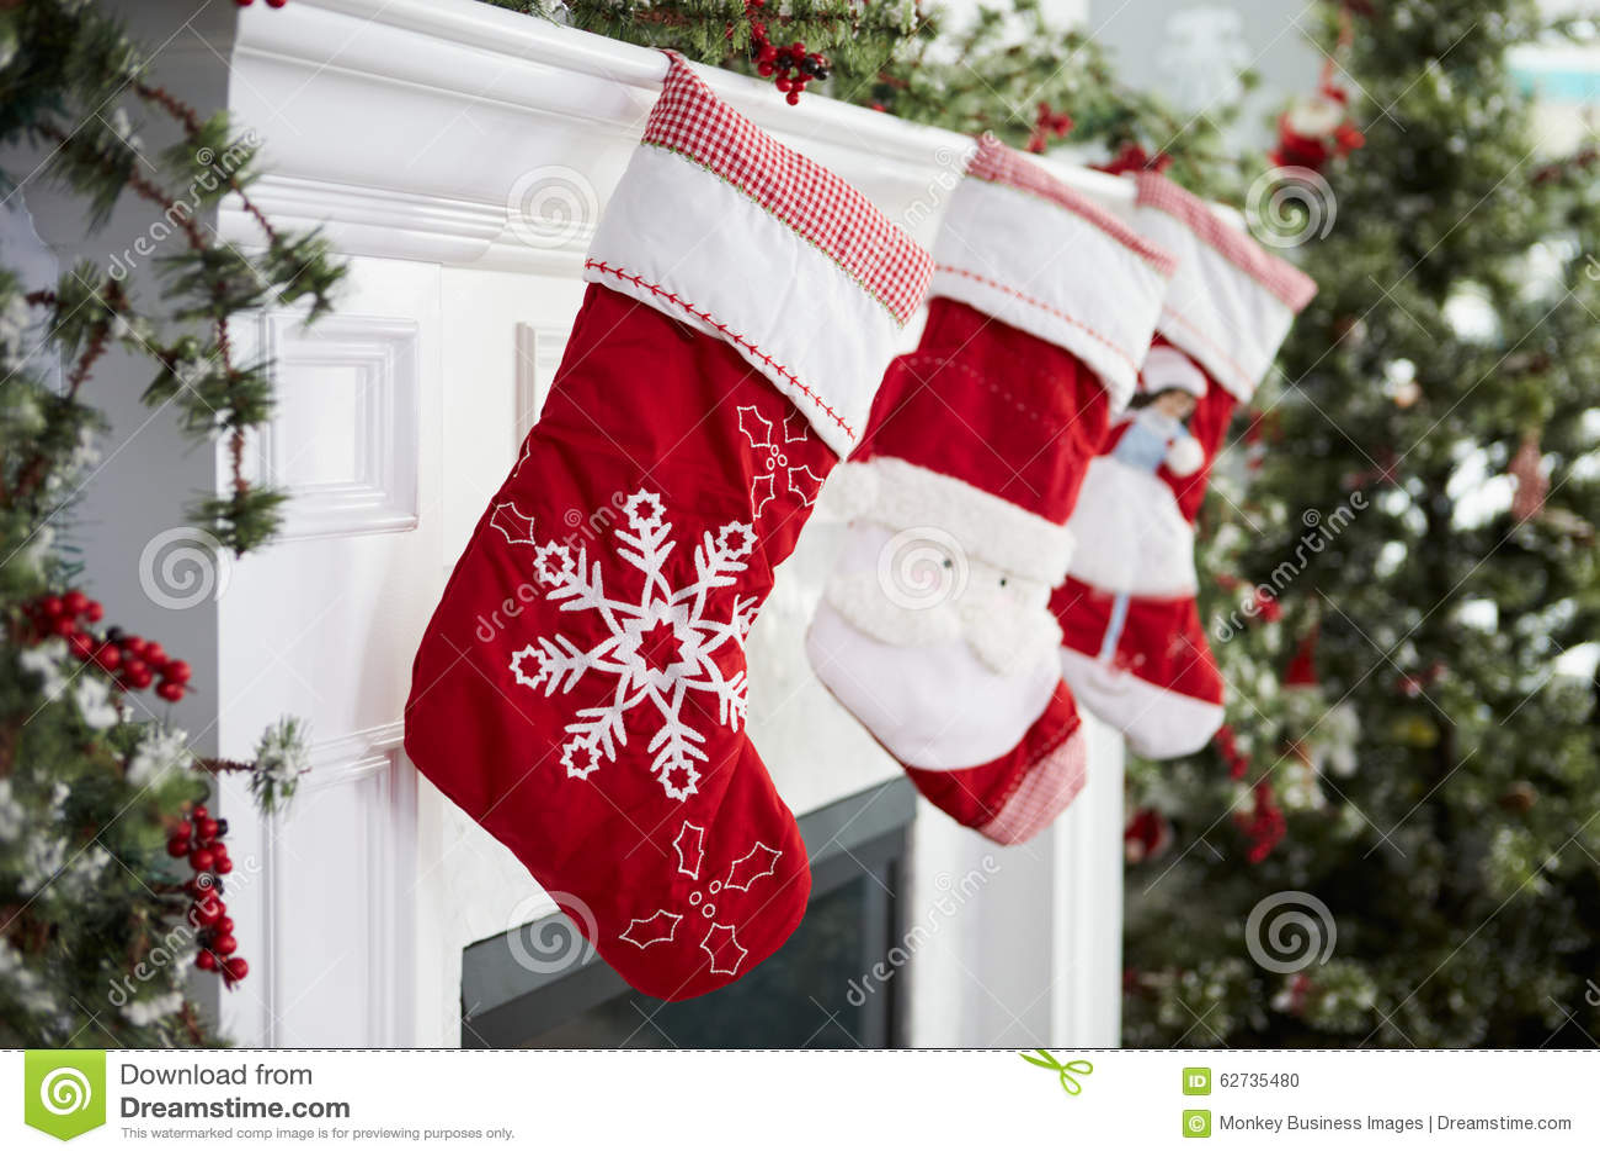 Γυναικείες κάλτσες που κρεμιούνται κενές στην εστία στη Παραμονή Χριστουγέννων